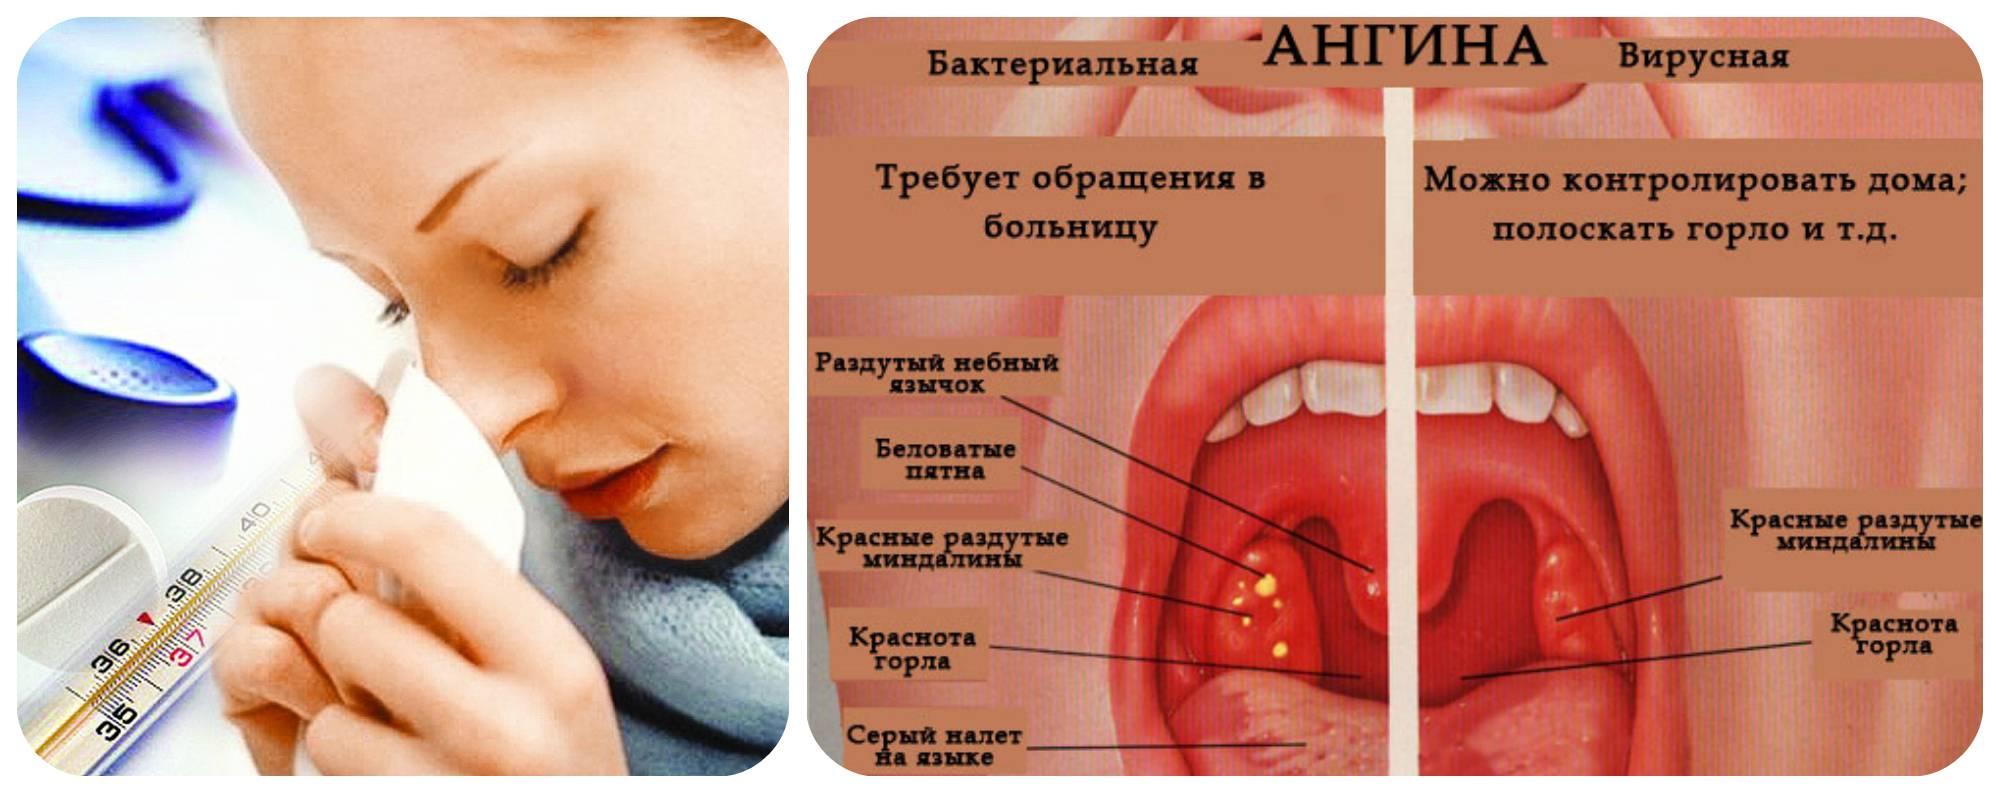 Вирусная ангина: причины, симптомы, лечение + фото